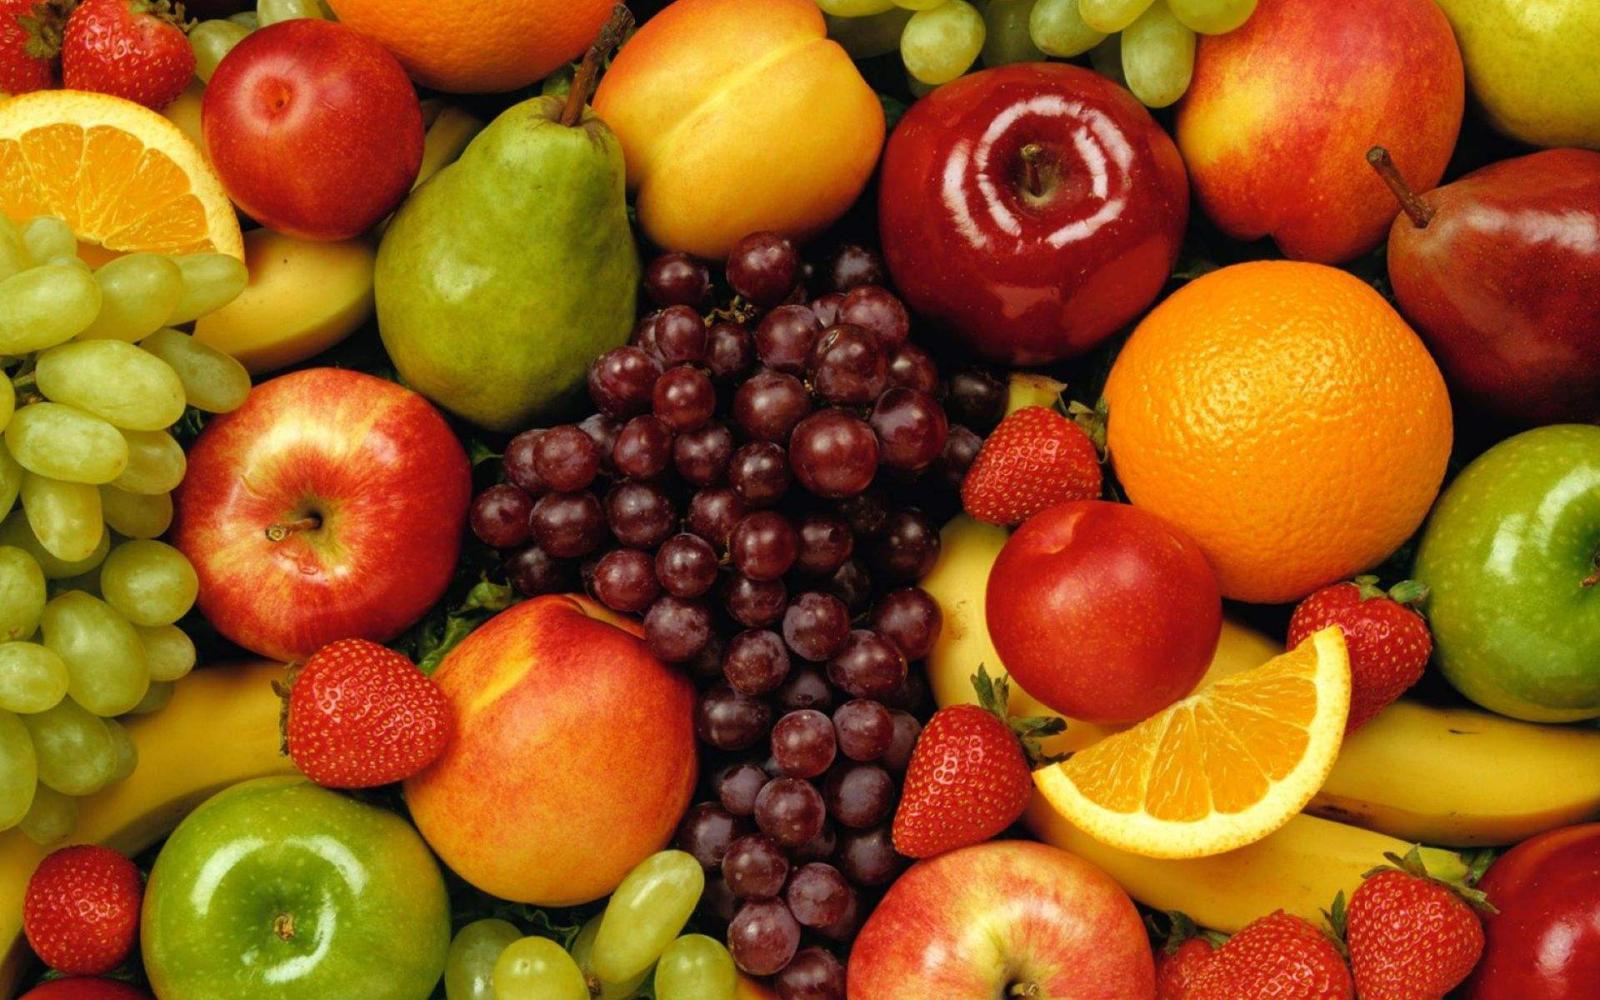 各类水果纷纷上市的季节,但是什么时间吃你了解?